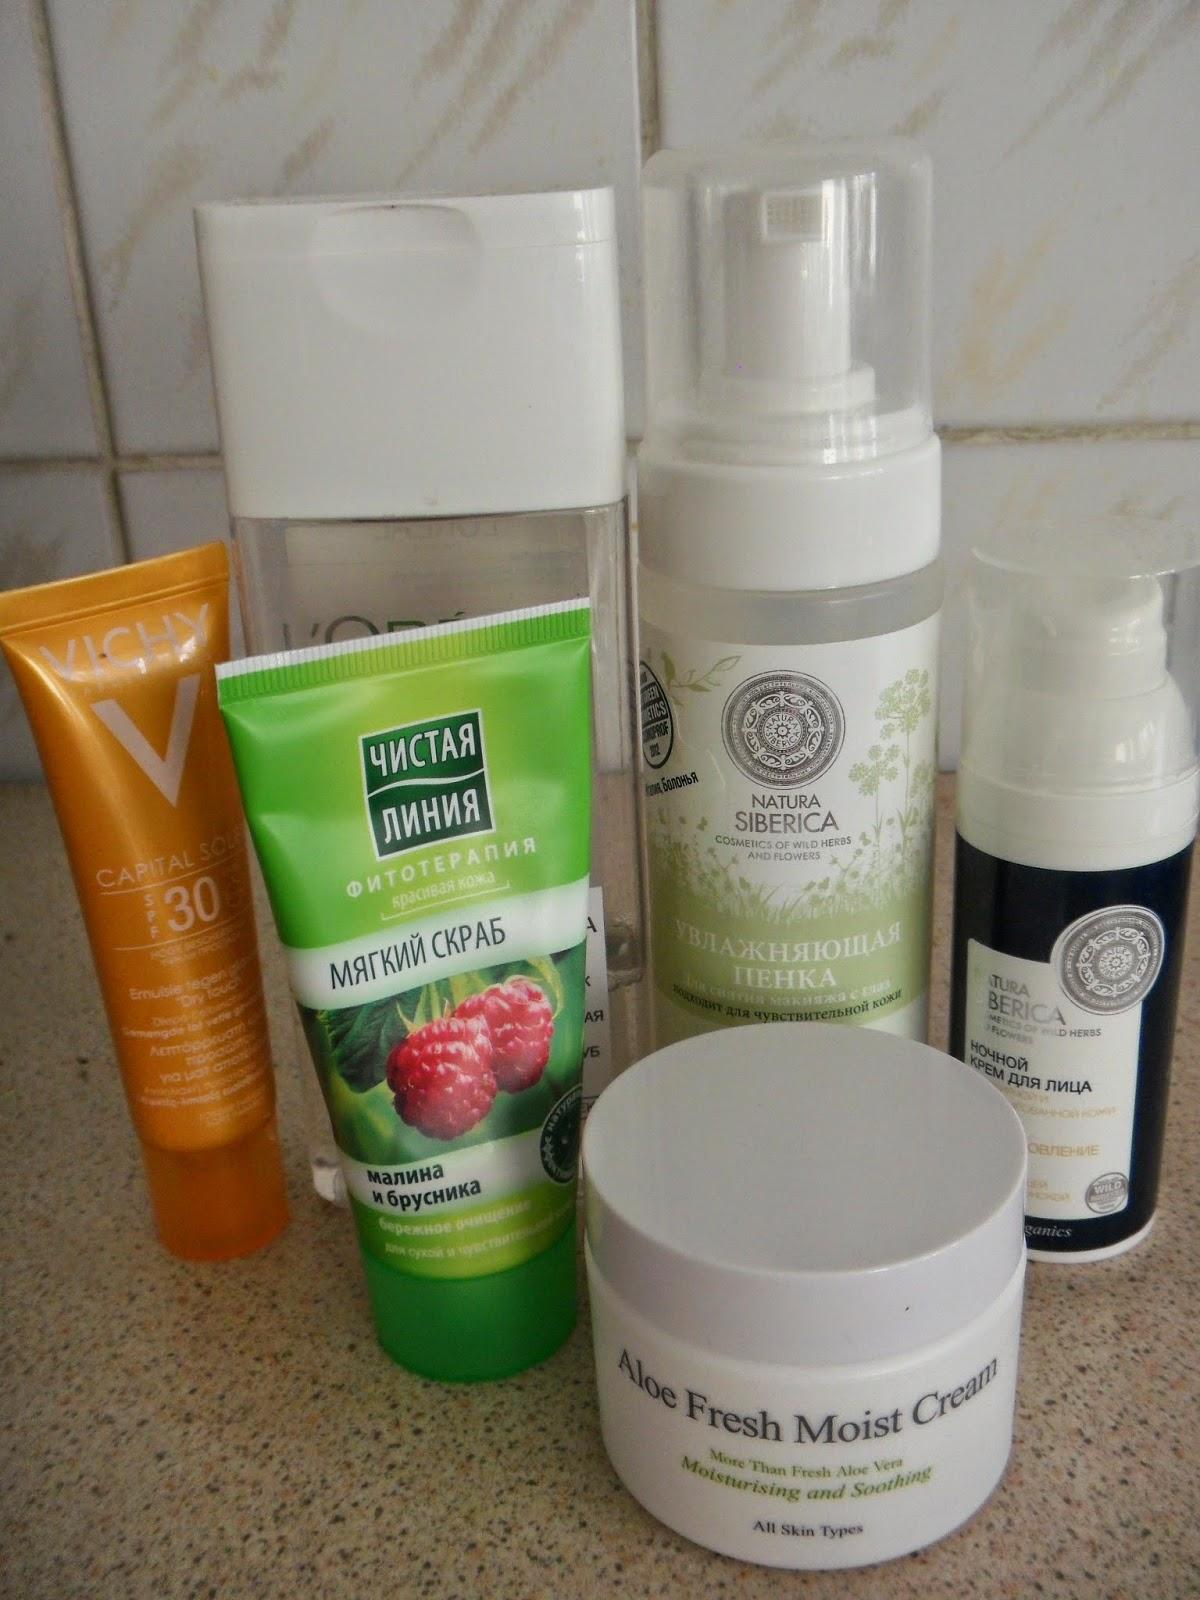 Увлажняющая пенка для снятия макияжа для чувствительной кожи